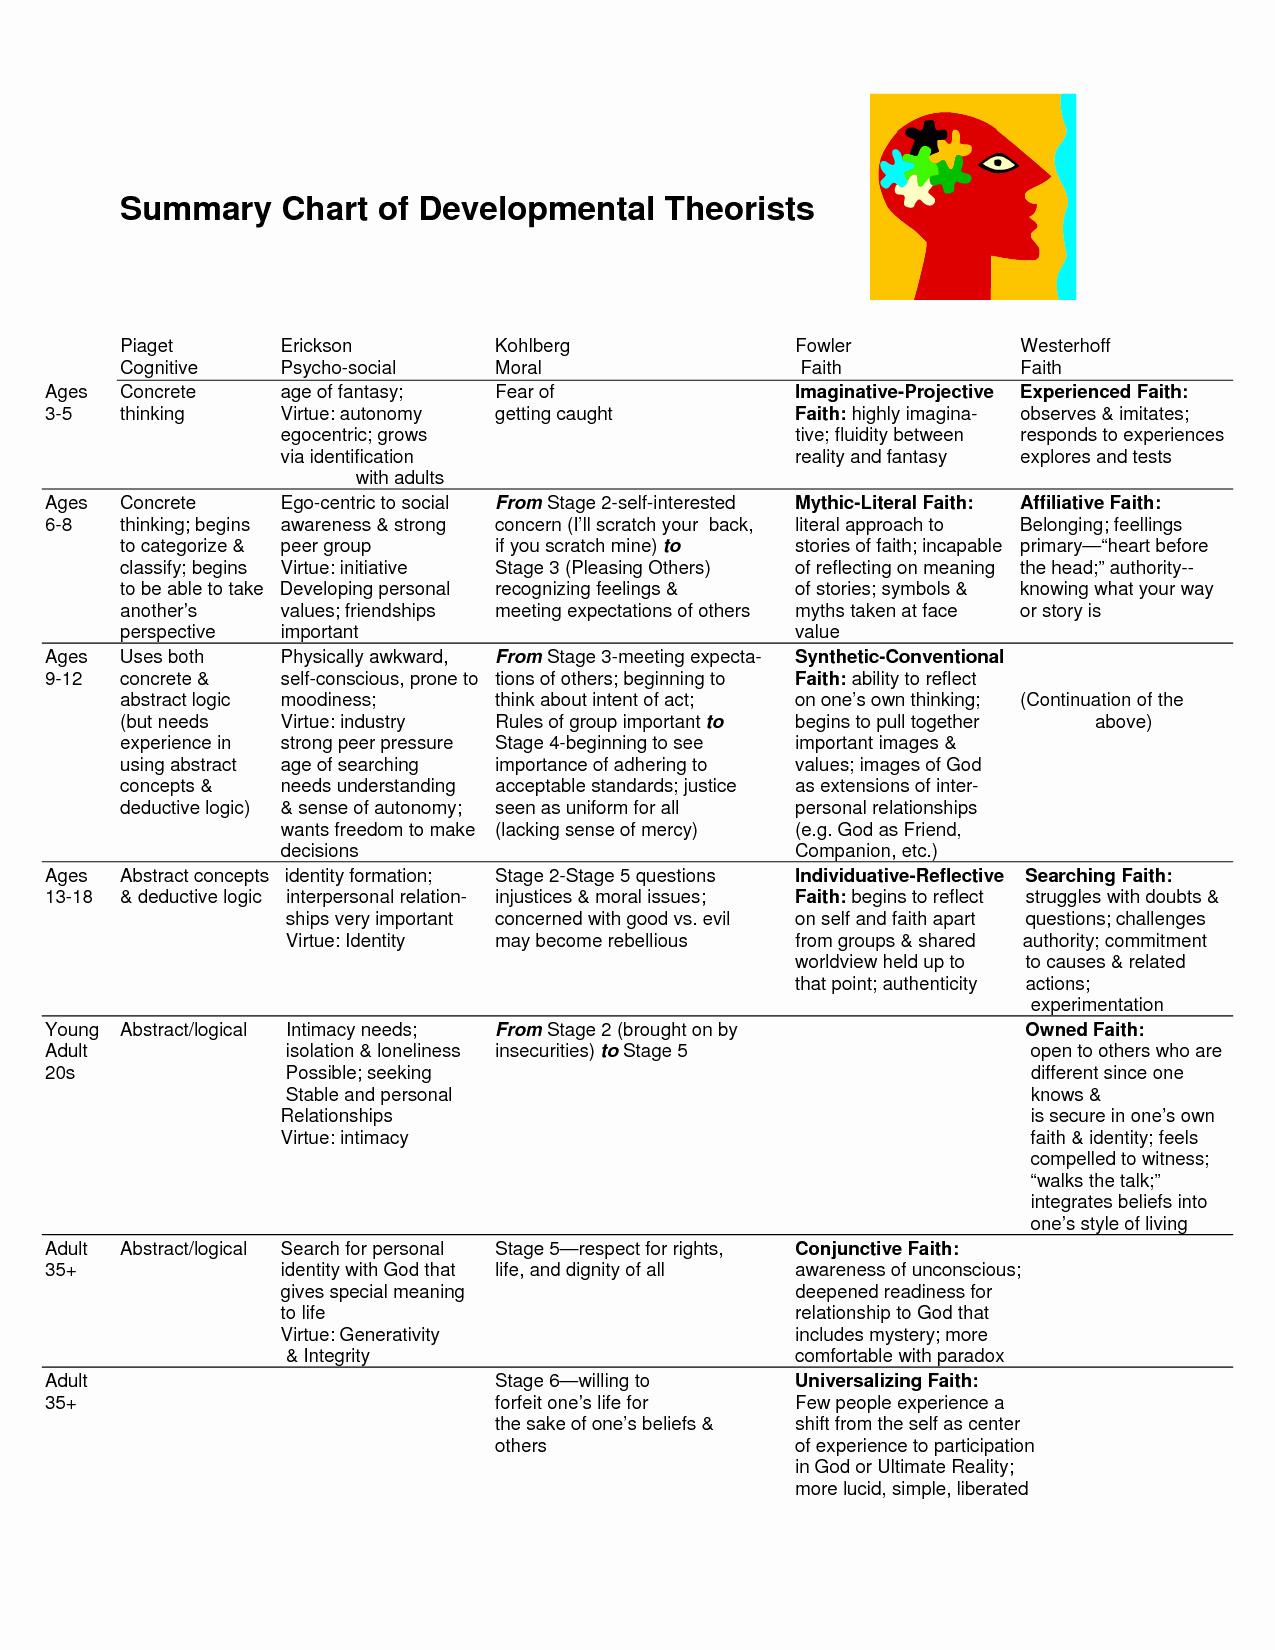 Erikson Stages Of Development Chart Pdf Unique Erikson and Pia Stages Of Development Chart Bing